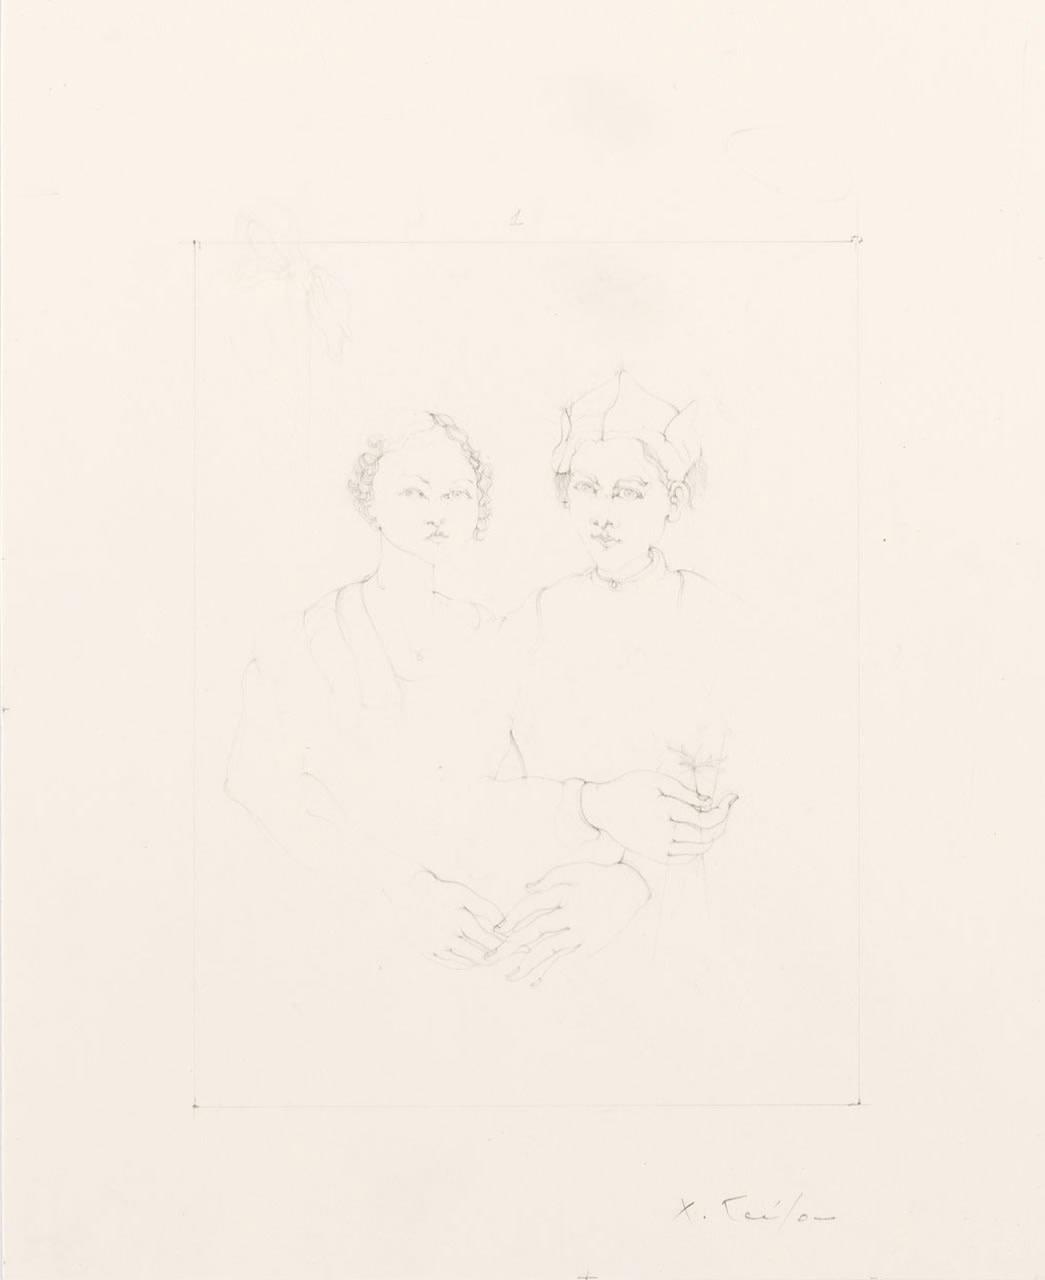 """<div class=""""artwork_caption""""><p>Hippolyta and Theseus (Our Nuptial Hour), 2008</p></div>"""